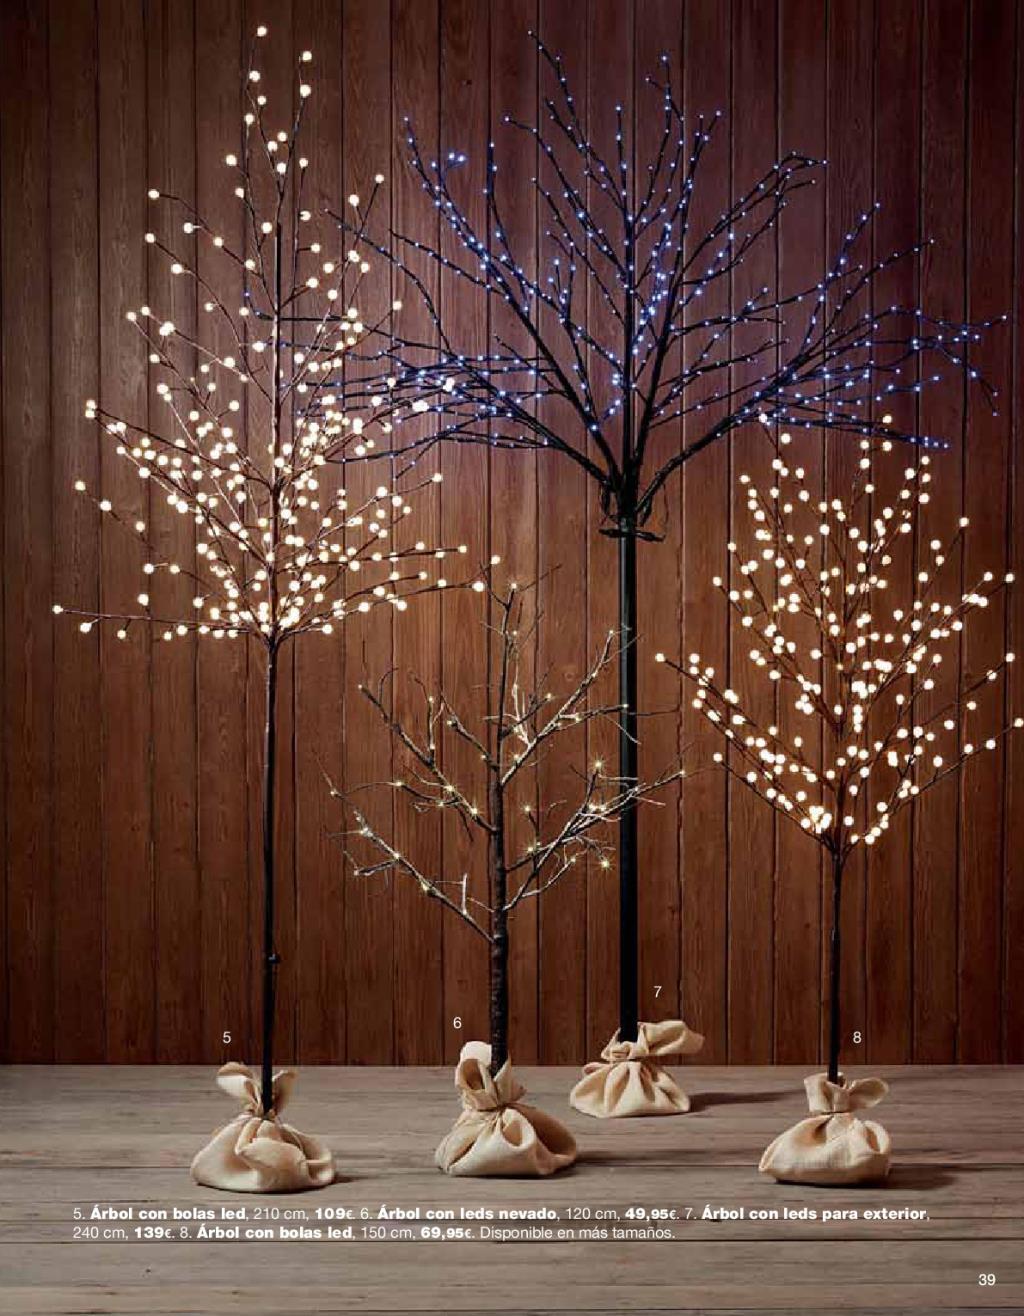 Navidad el corte ingles39 for Adornos de navidad el corte ingles